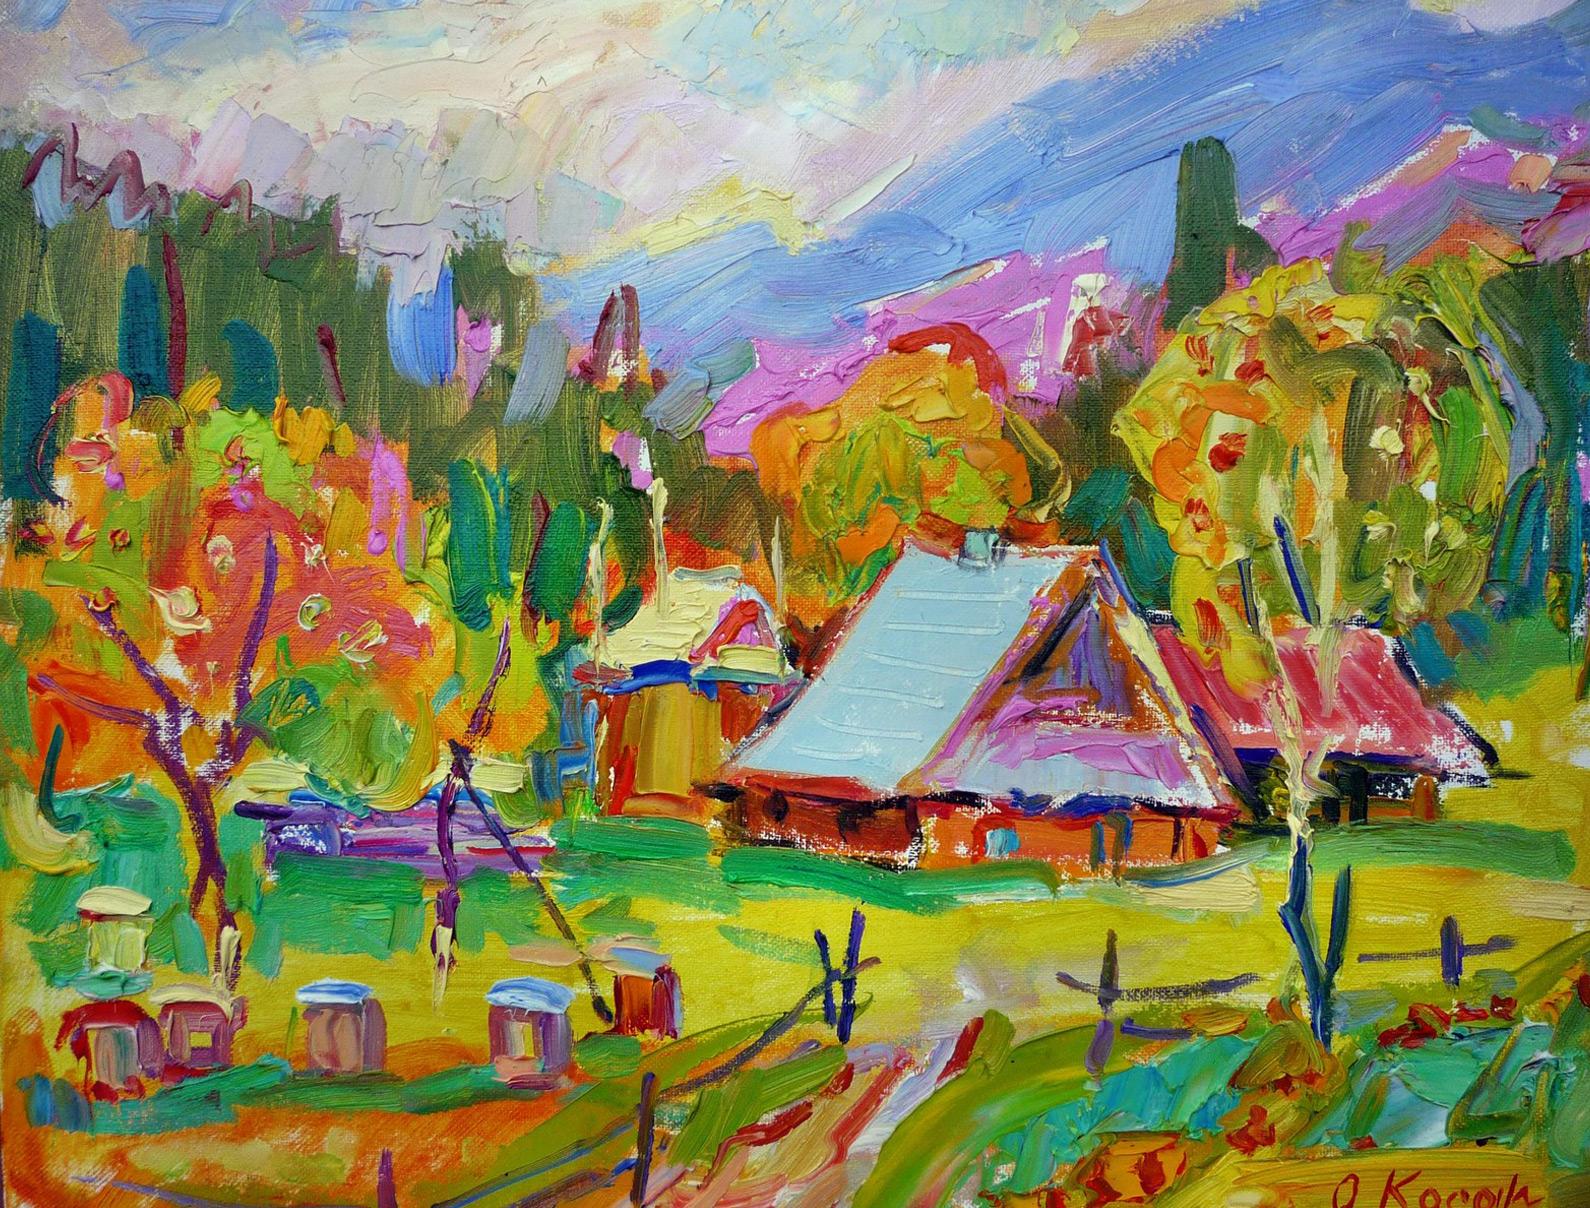 1310917234_osn-v-libohor_www.nevsepic.com.ua